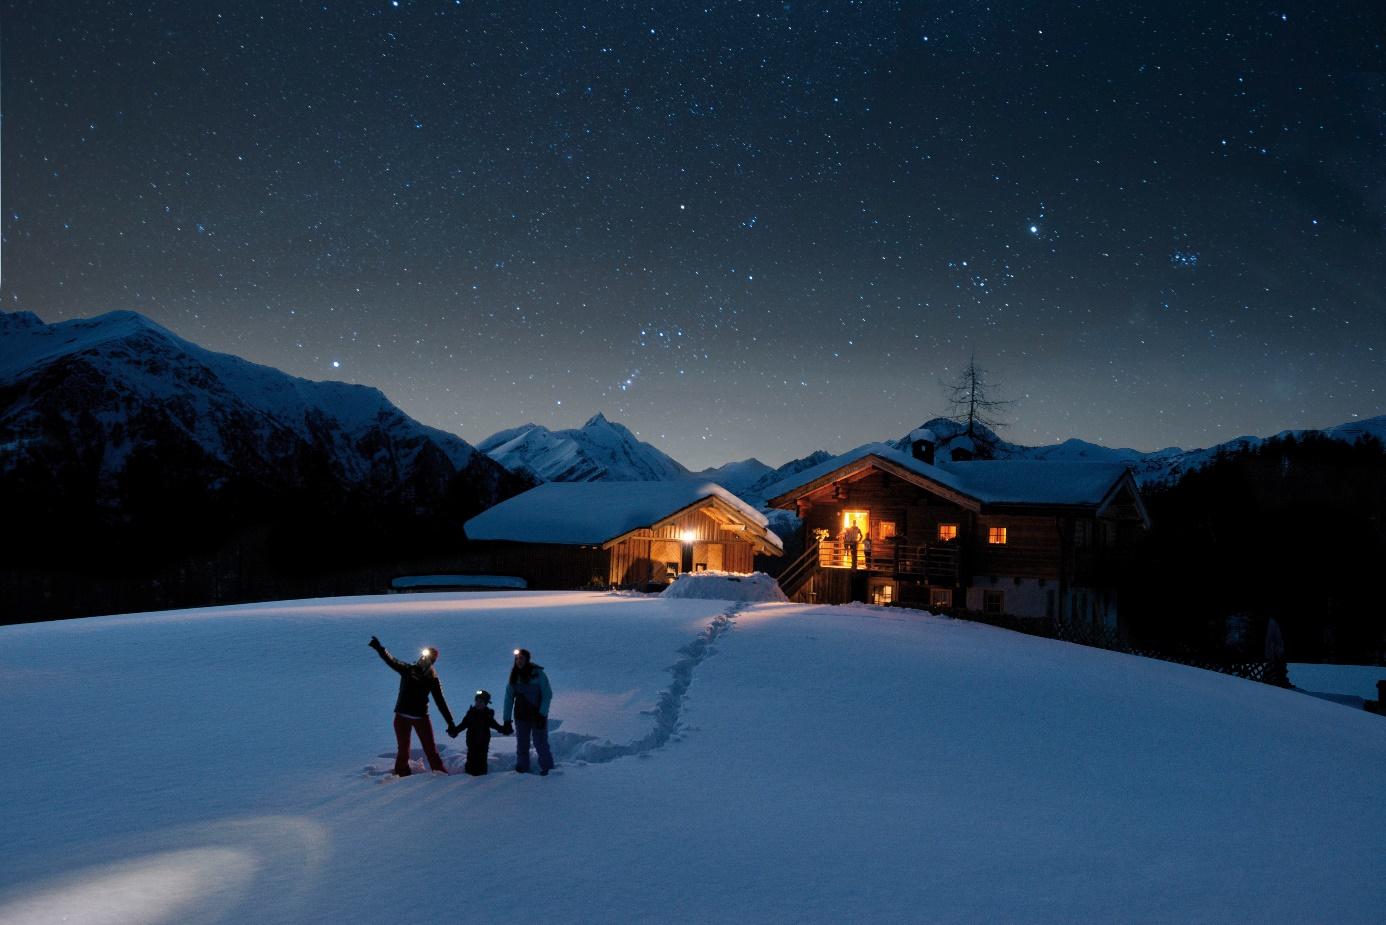 奥地利的冬季,浪漫的冒险故事书